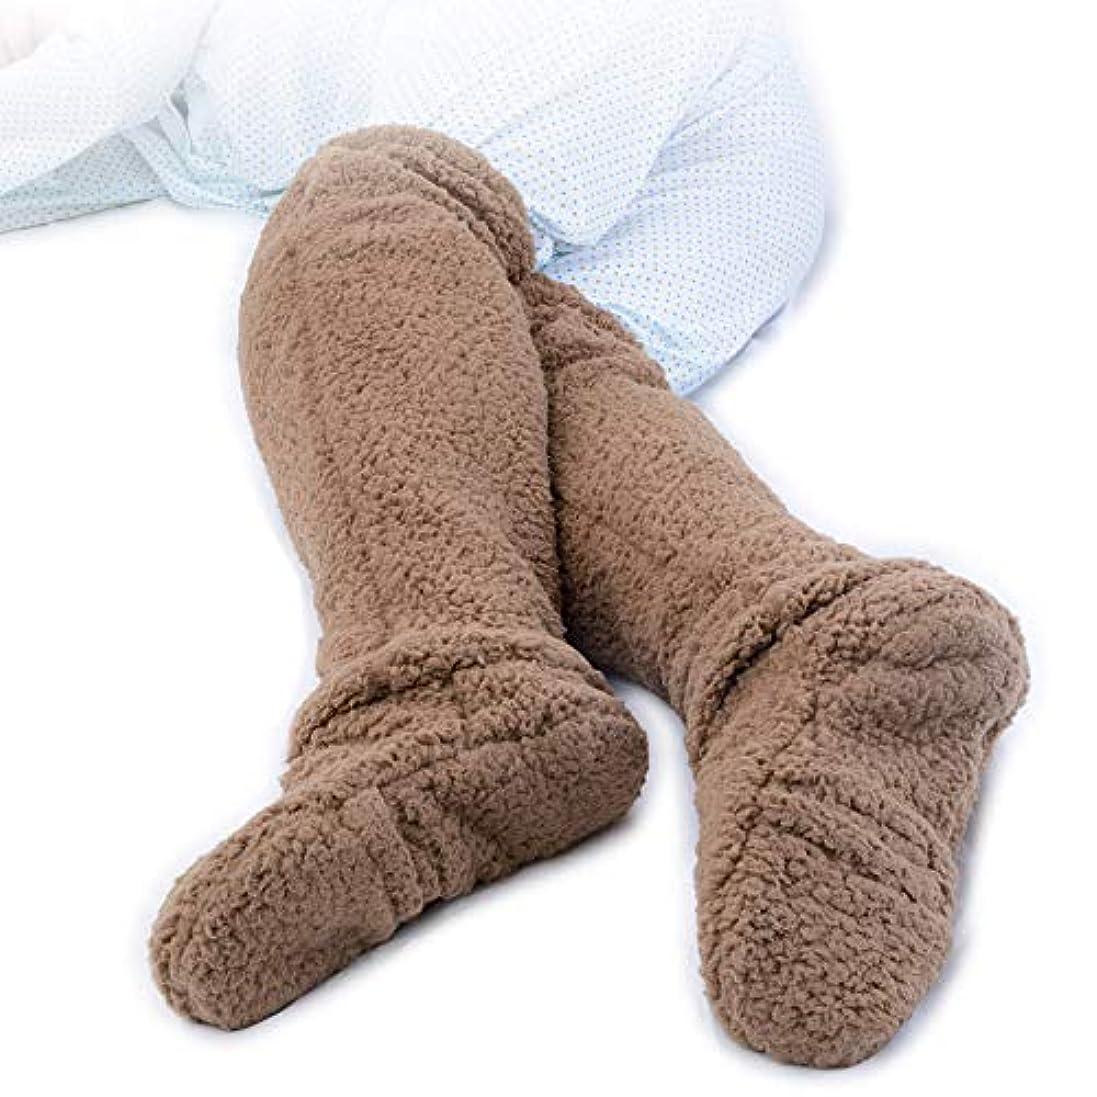 アシュリータファーマンビバビジネスヒートソックス,Enteriza 極暖 防寒 足が出せるロングカバー あったかグッズ ルームシューズ 男女兼用 2重フリース生地 室内履き 軽量 洗える